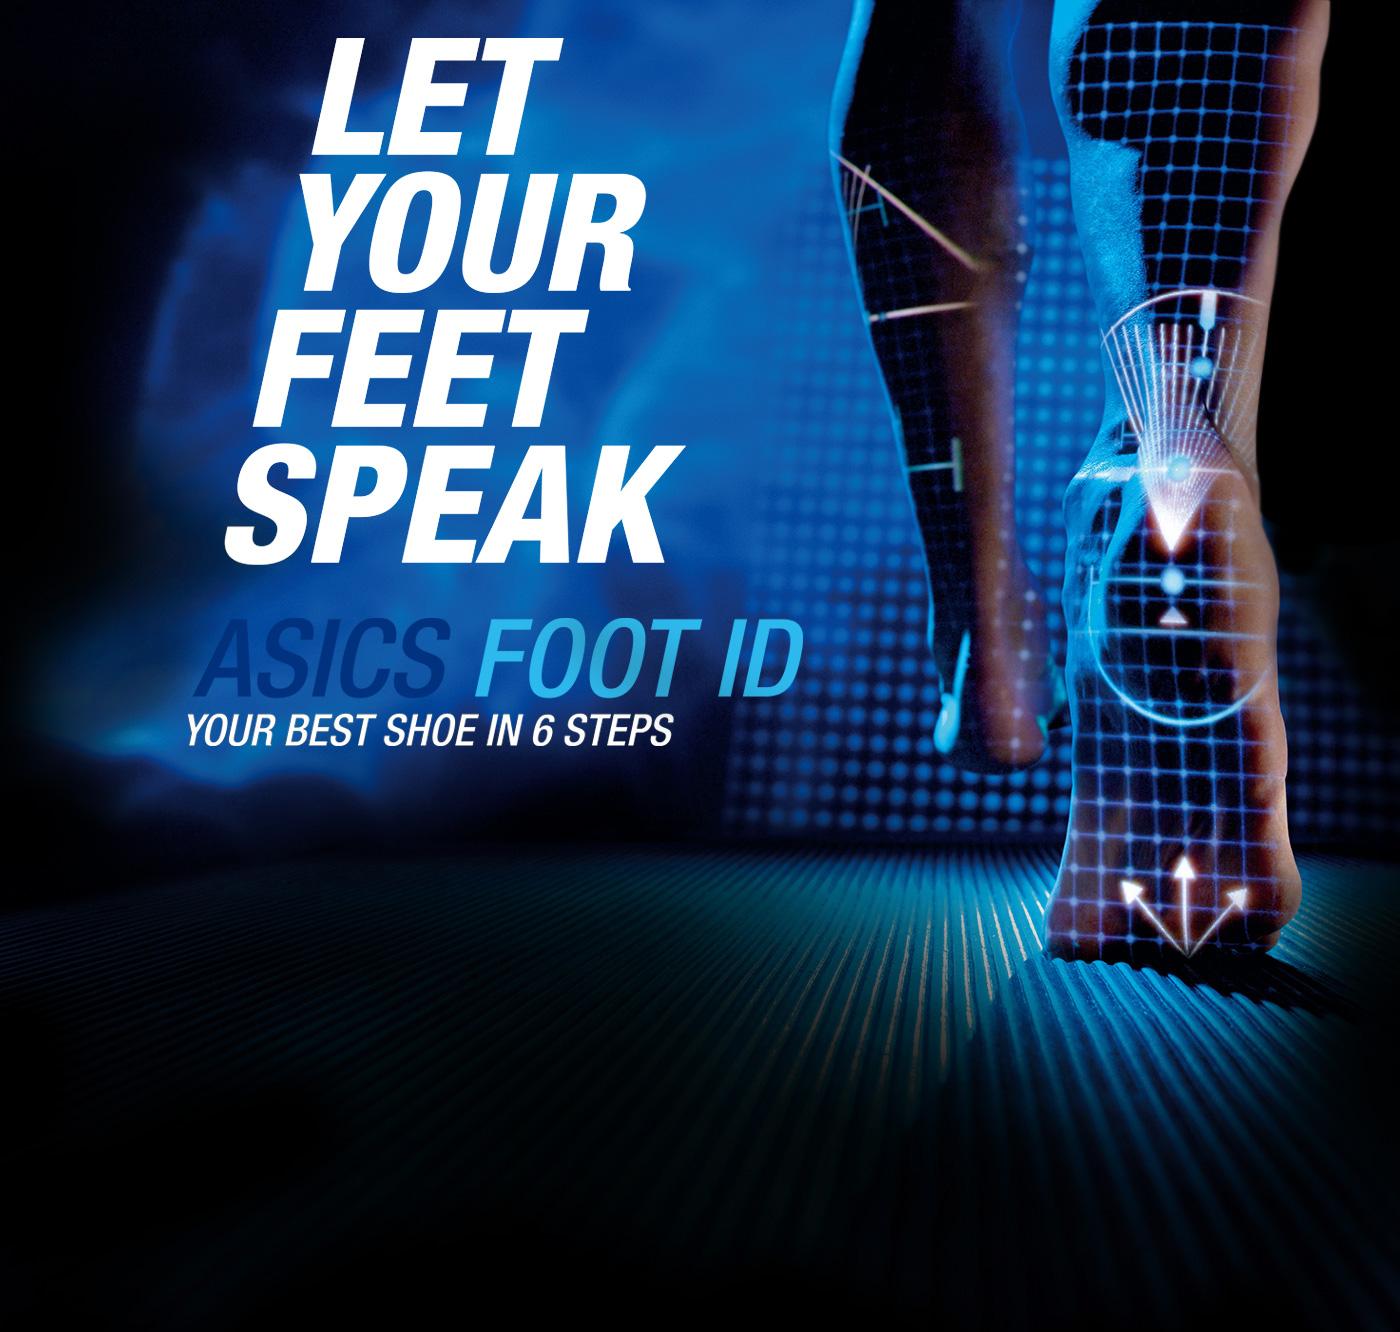 3dfoot.jpg